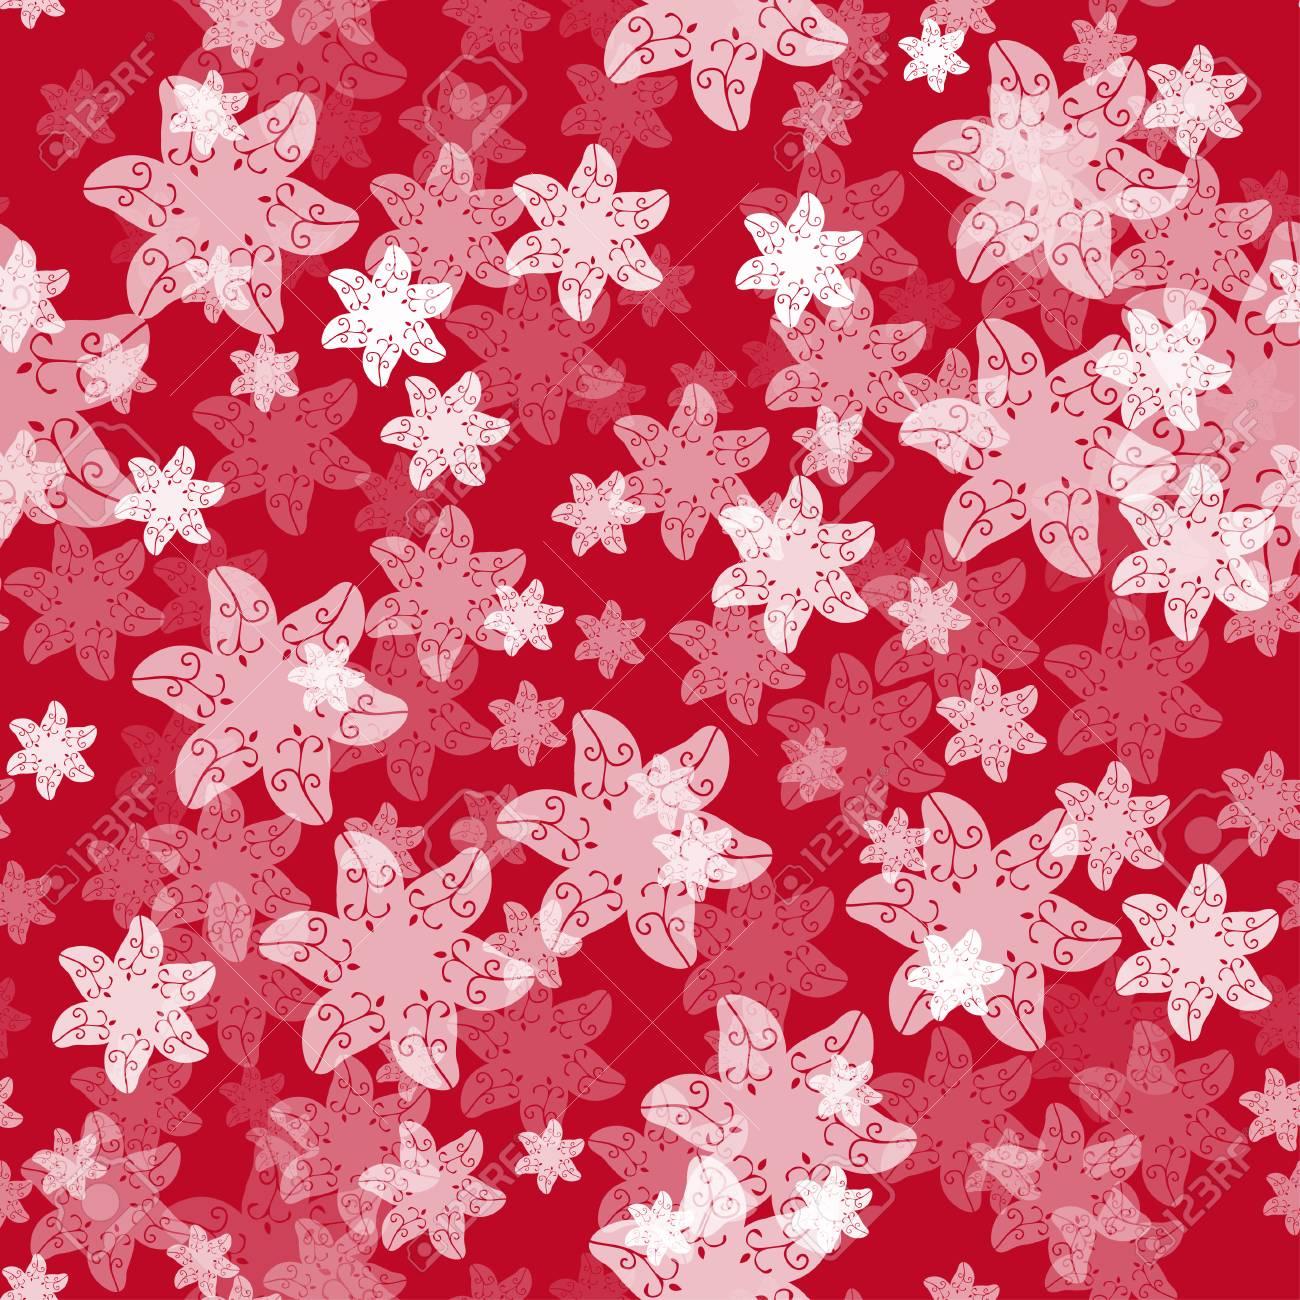 Sfondo rosso con fiori bianchi